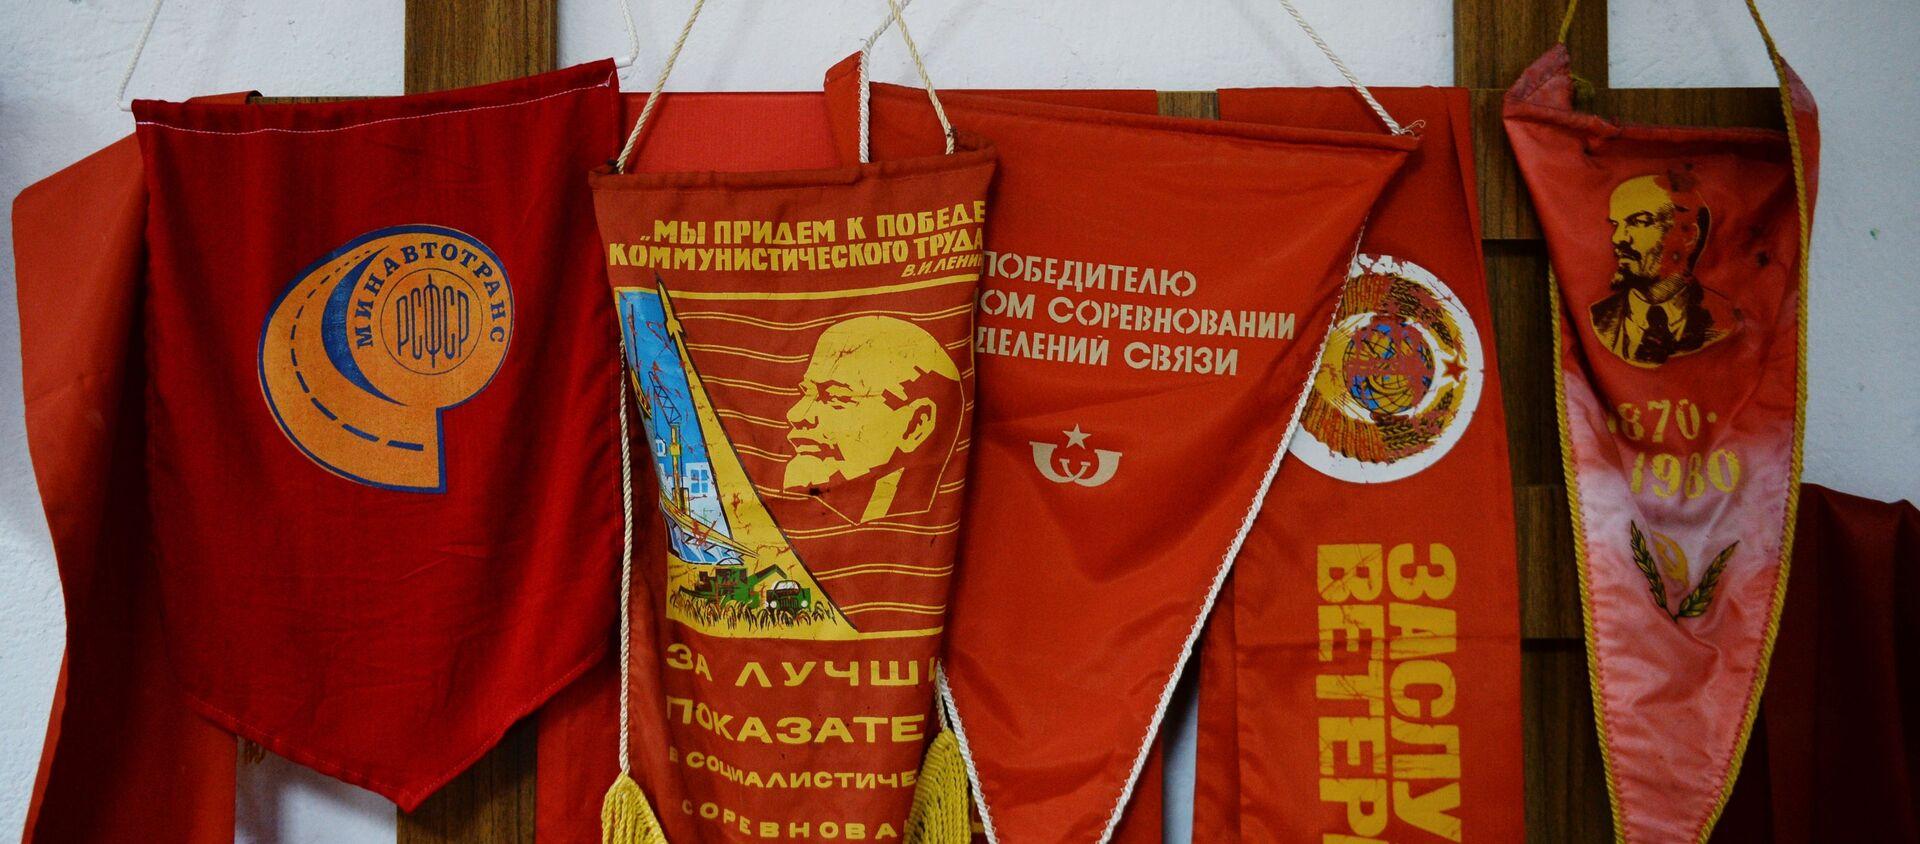 Muzeum rzeczy z epoki radzieckiej Zrobione w ZSRR w Jekaterynburgu - Sputnik Polska, 1920, 28.01.2021